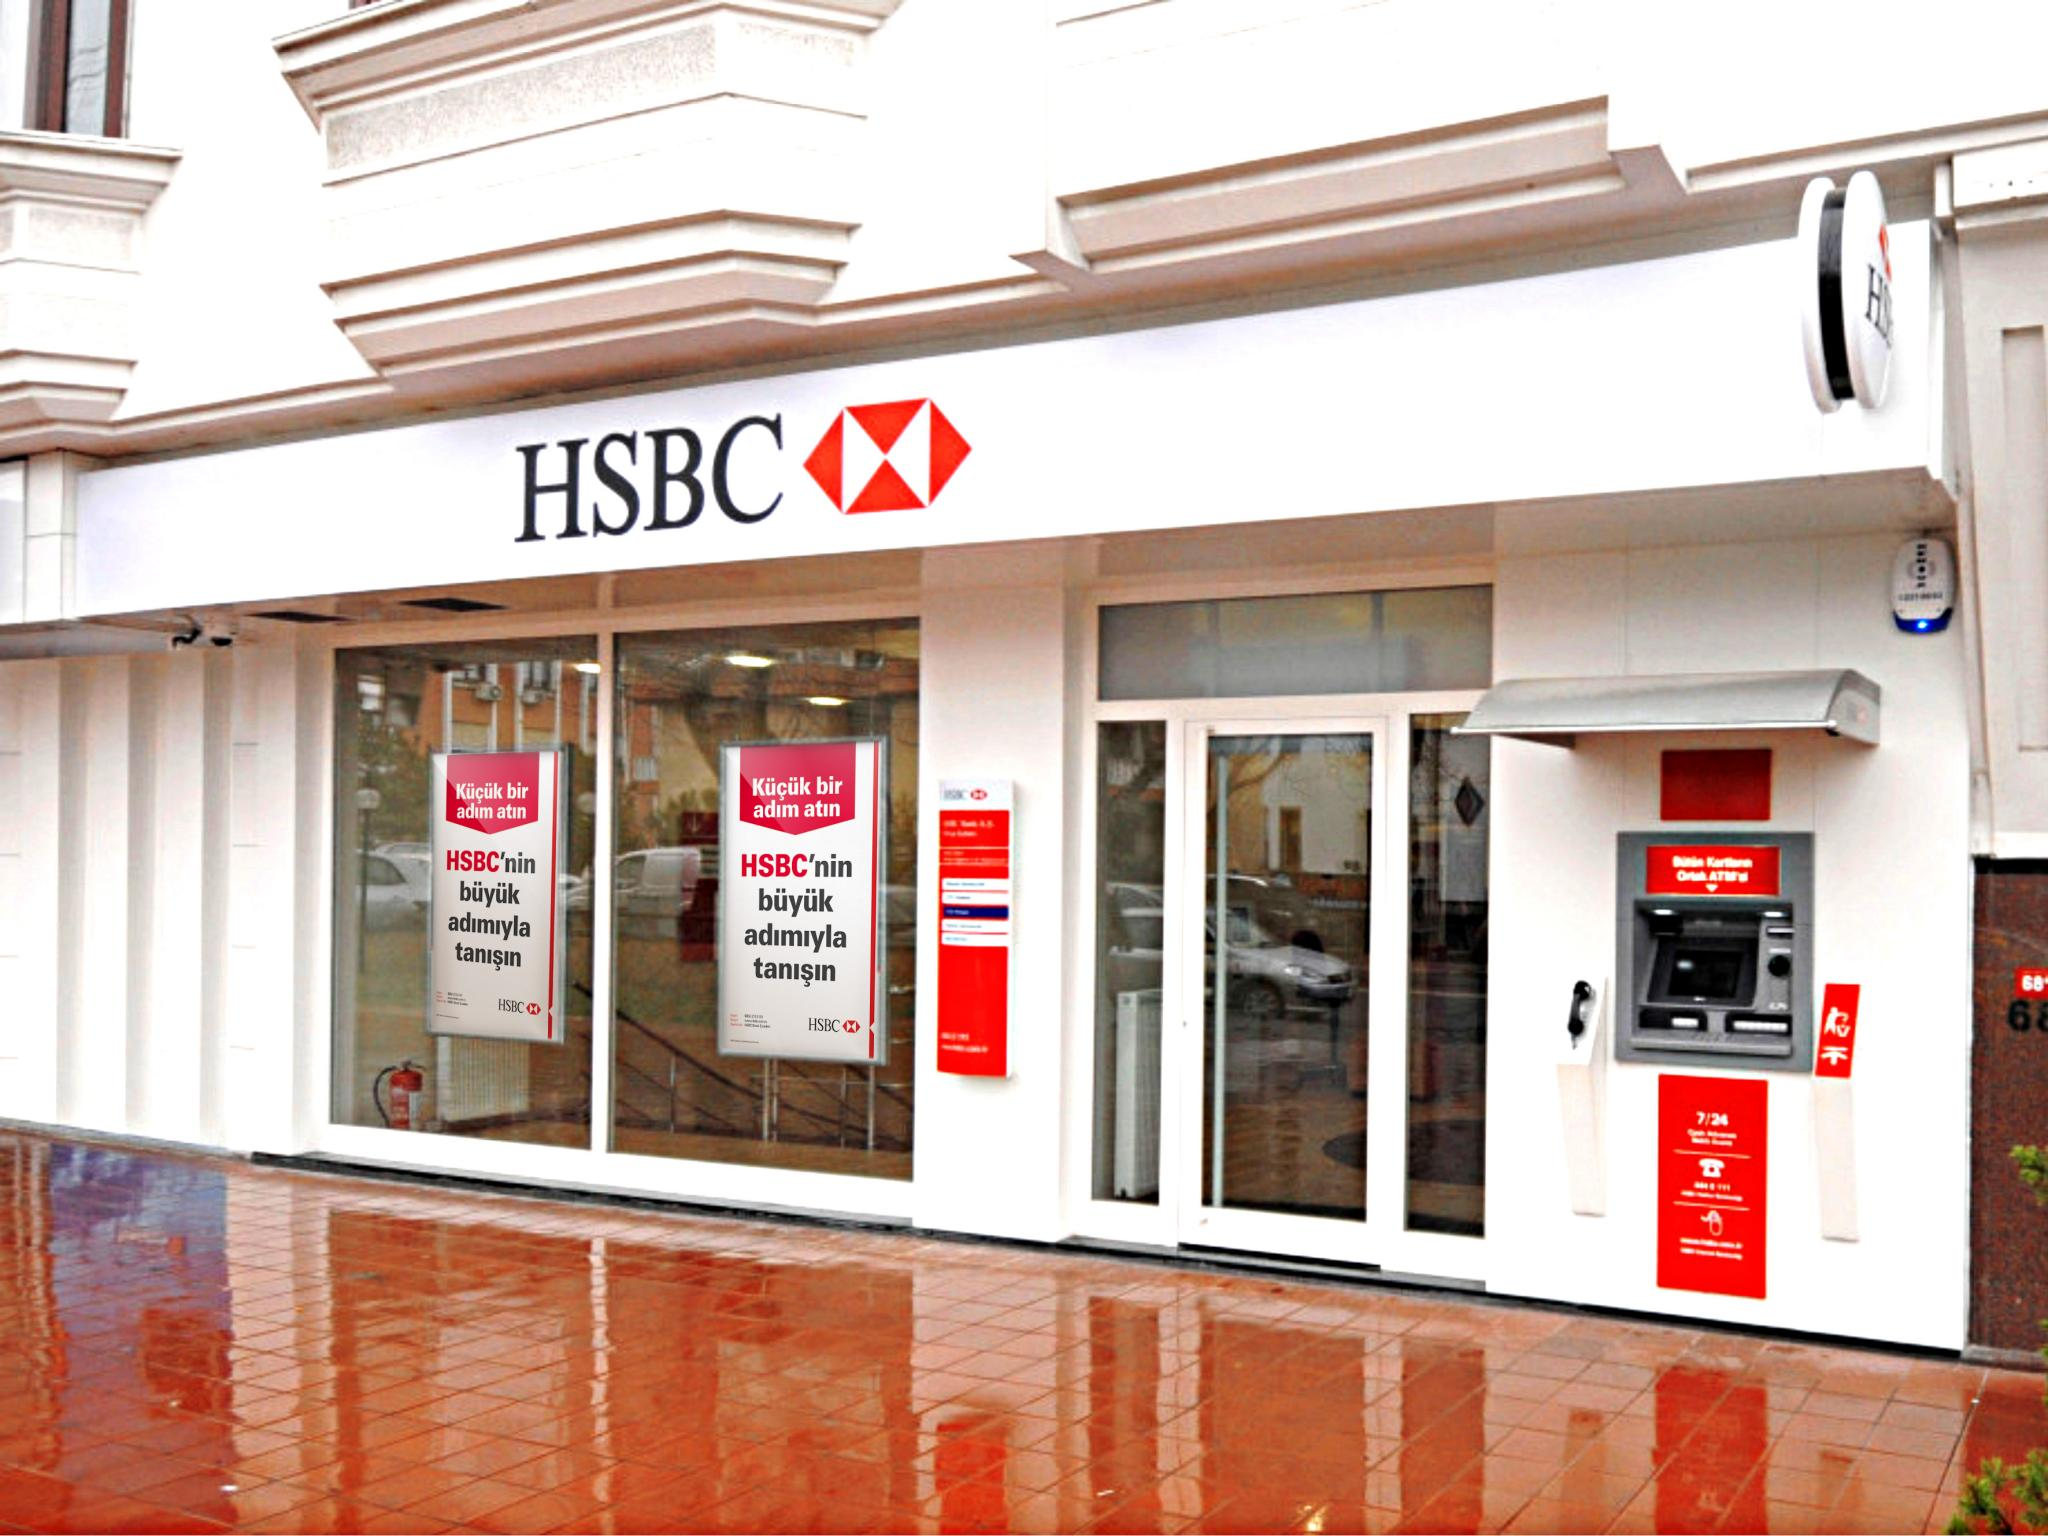 HSBC İhtiyaç Kredisi Başvurusu Nasıl Yapılır? Detaylı Başvuru Bilgisi